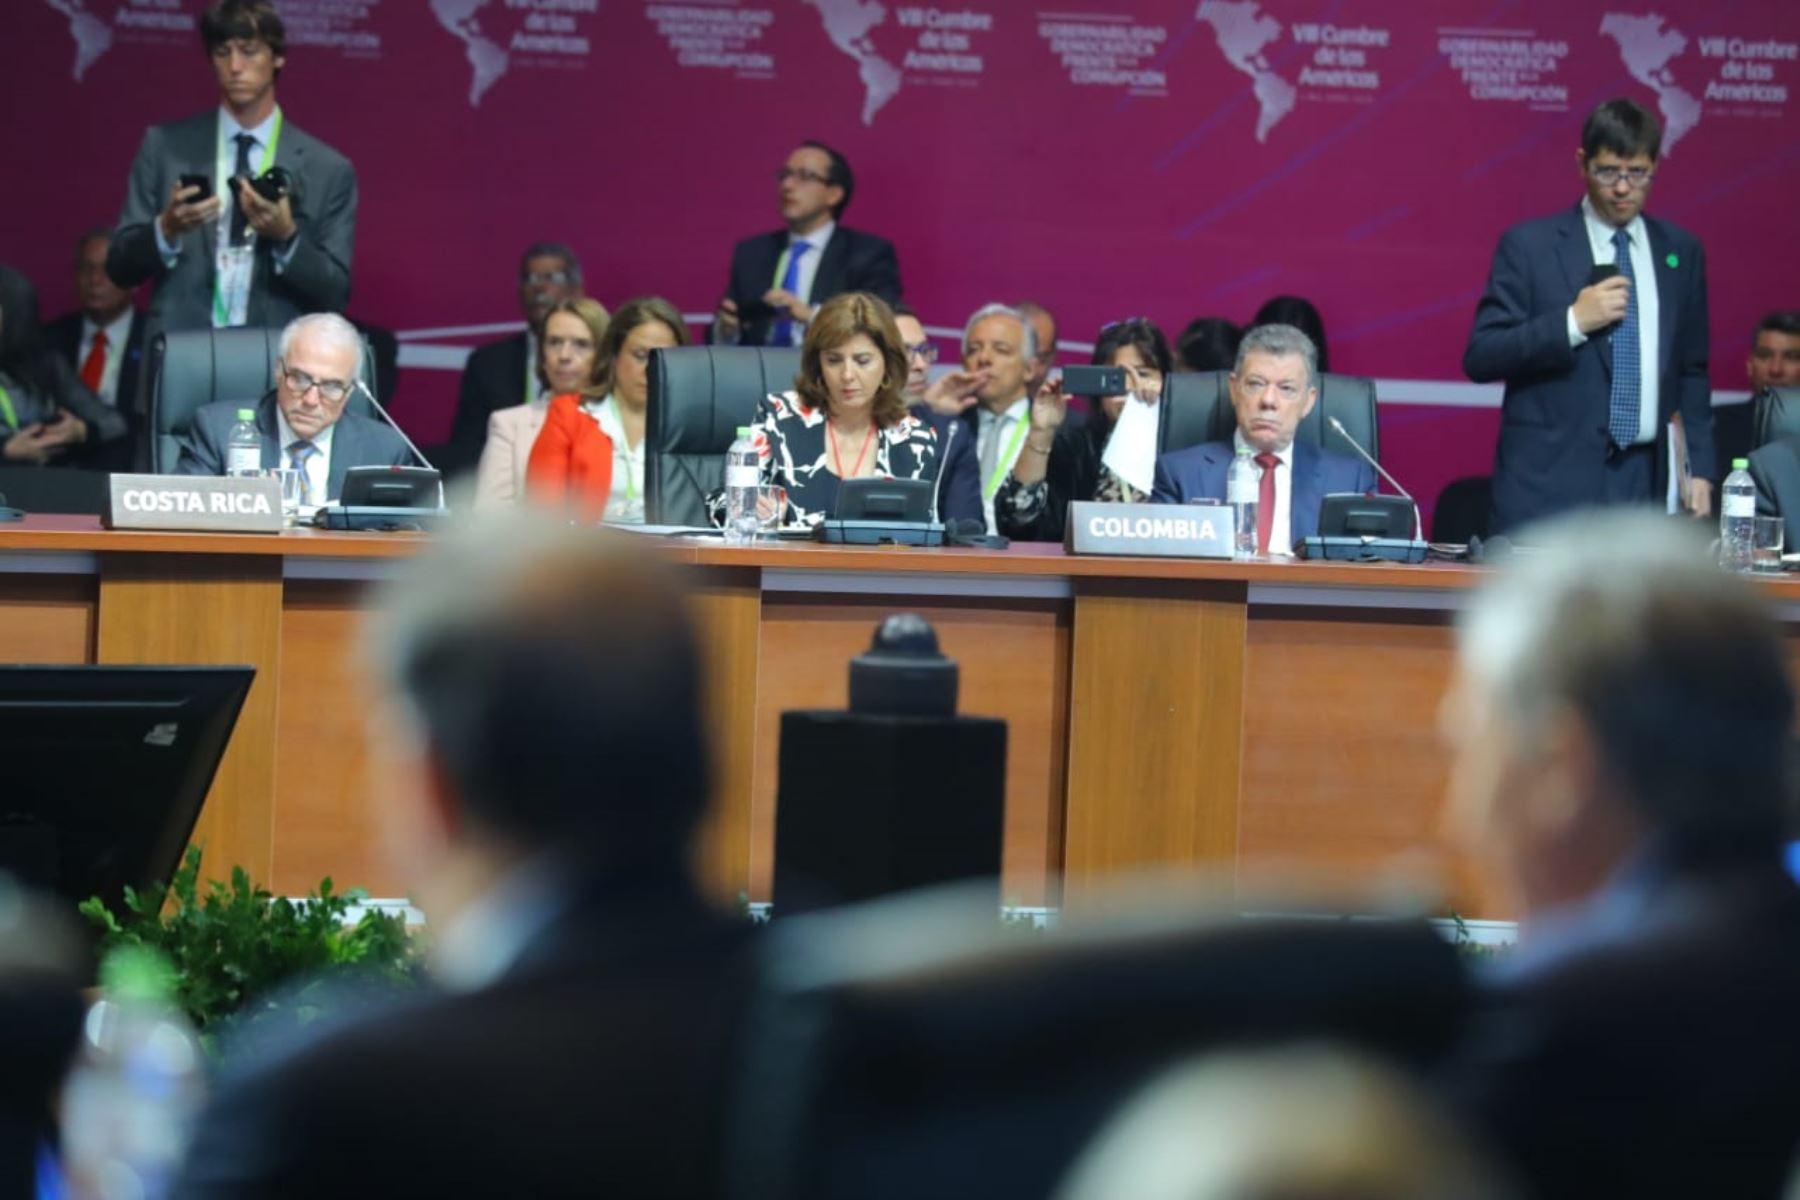 Sesión plenaria de la VIII Cumbre de las Américas en Lima. Foto: ANDINA/Prensa Presidencia